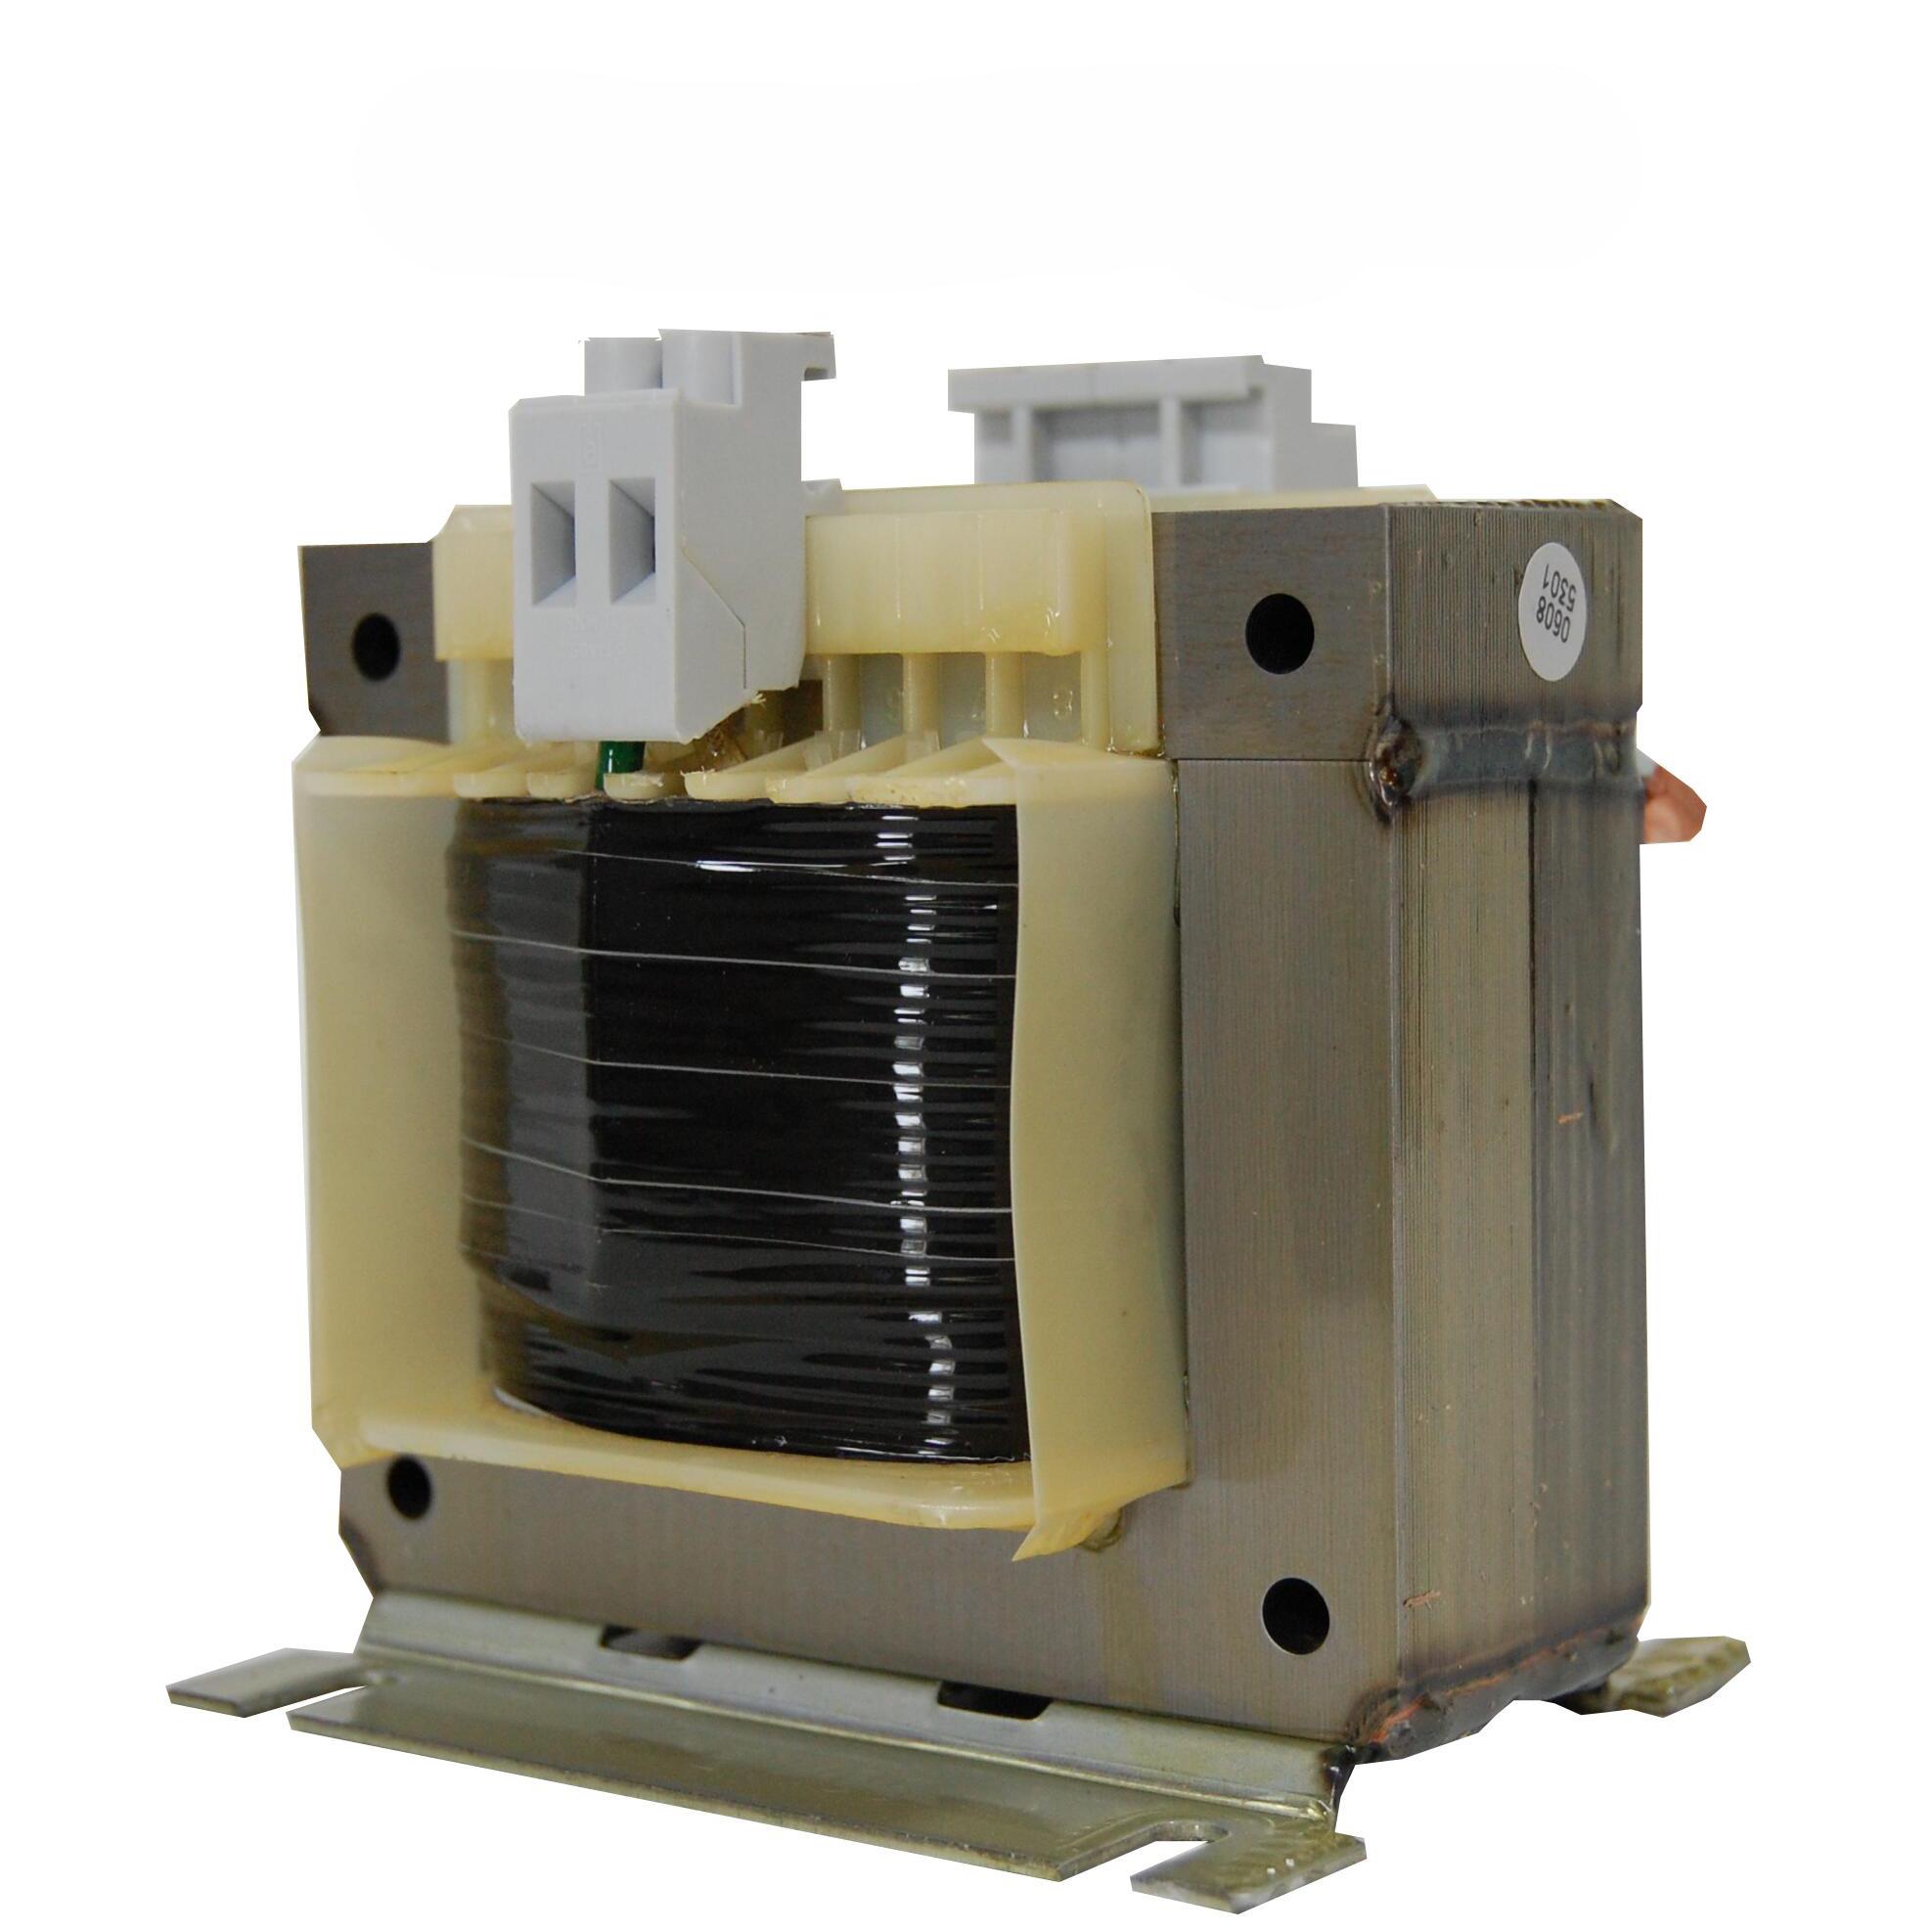 1 Stk Einphasen Steuertransformator 400/230V, 2000VA, IP00 LP604200T-